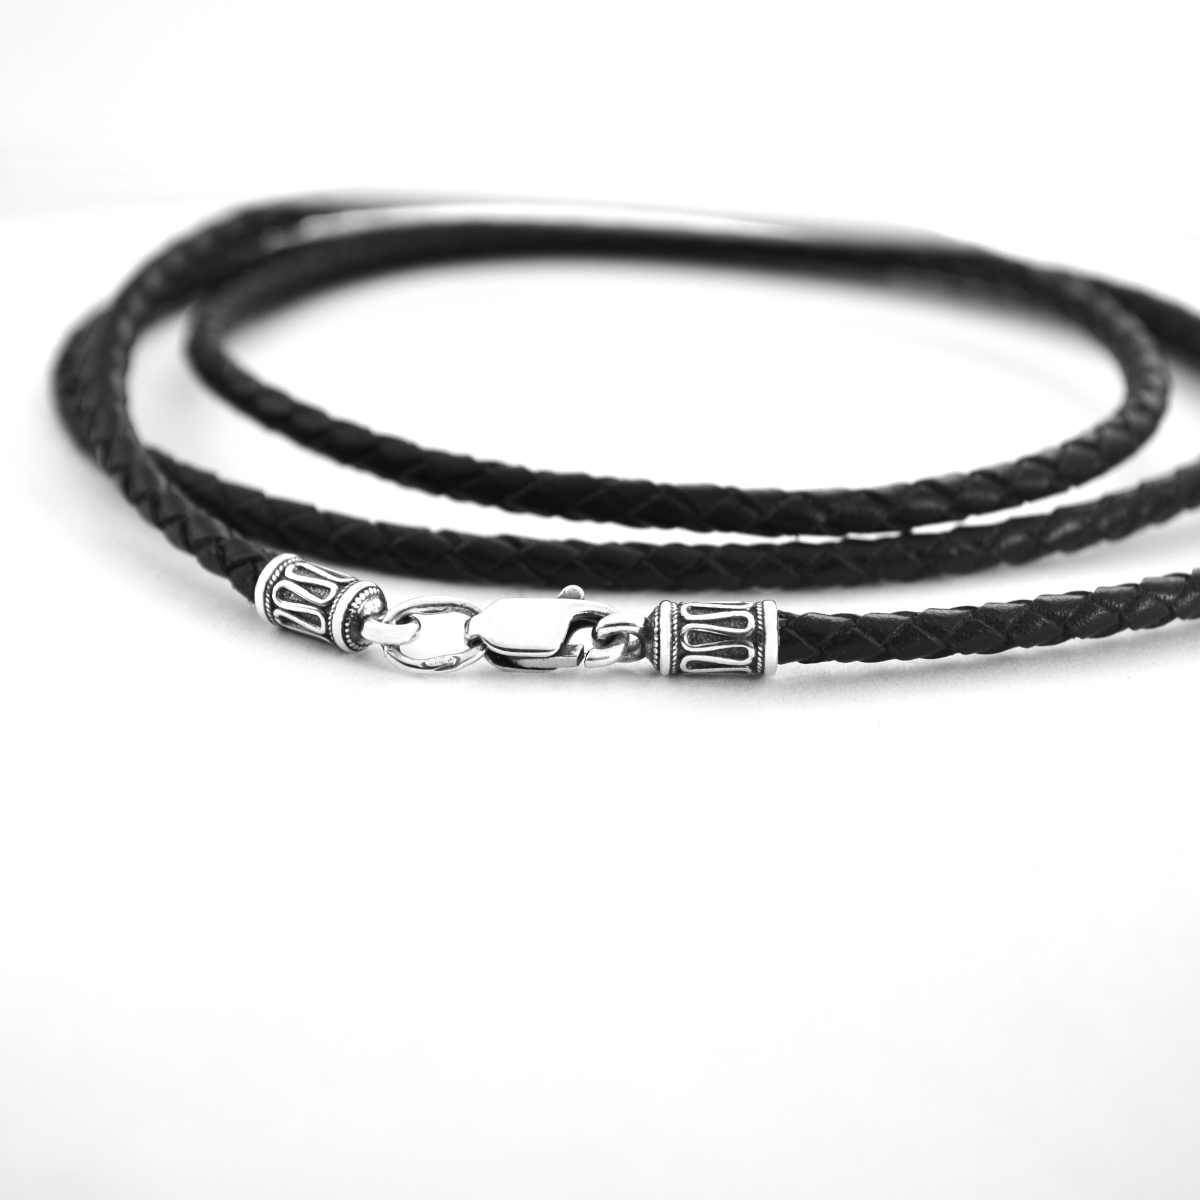 Шнурок с серебряными окончаниями 3мм